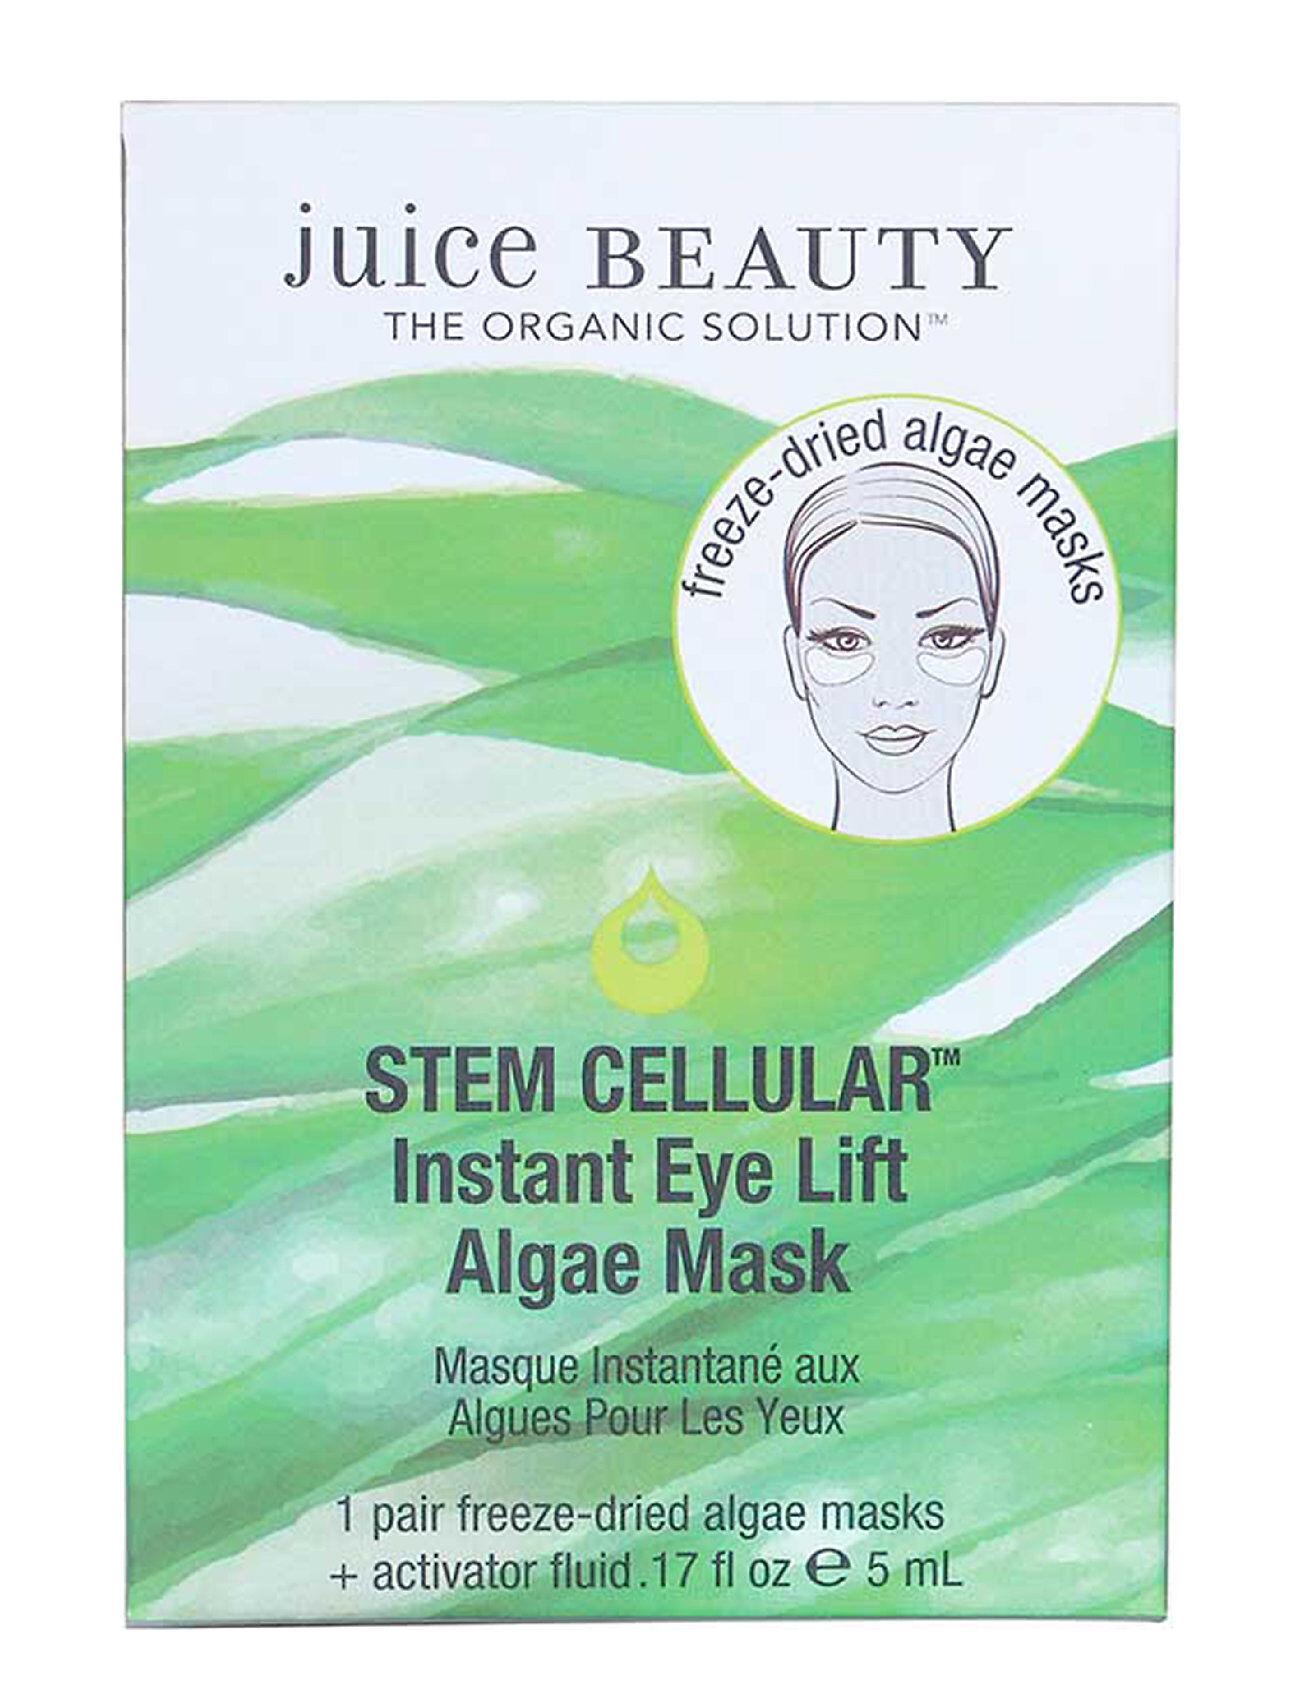 Juice Beauty Stem Cellular™ Instant Eye Lift Mask